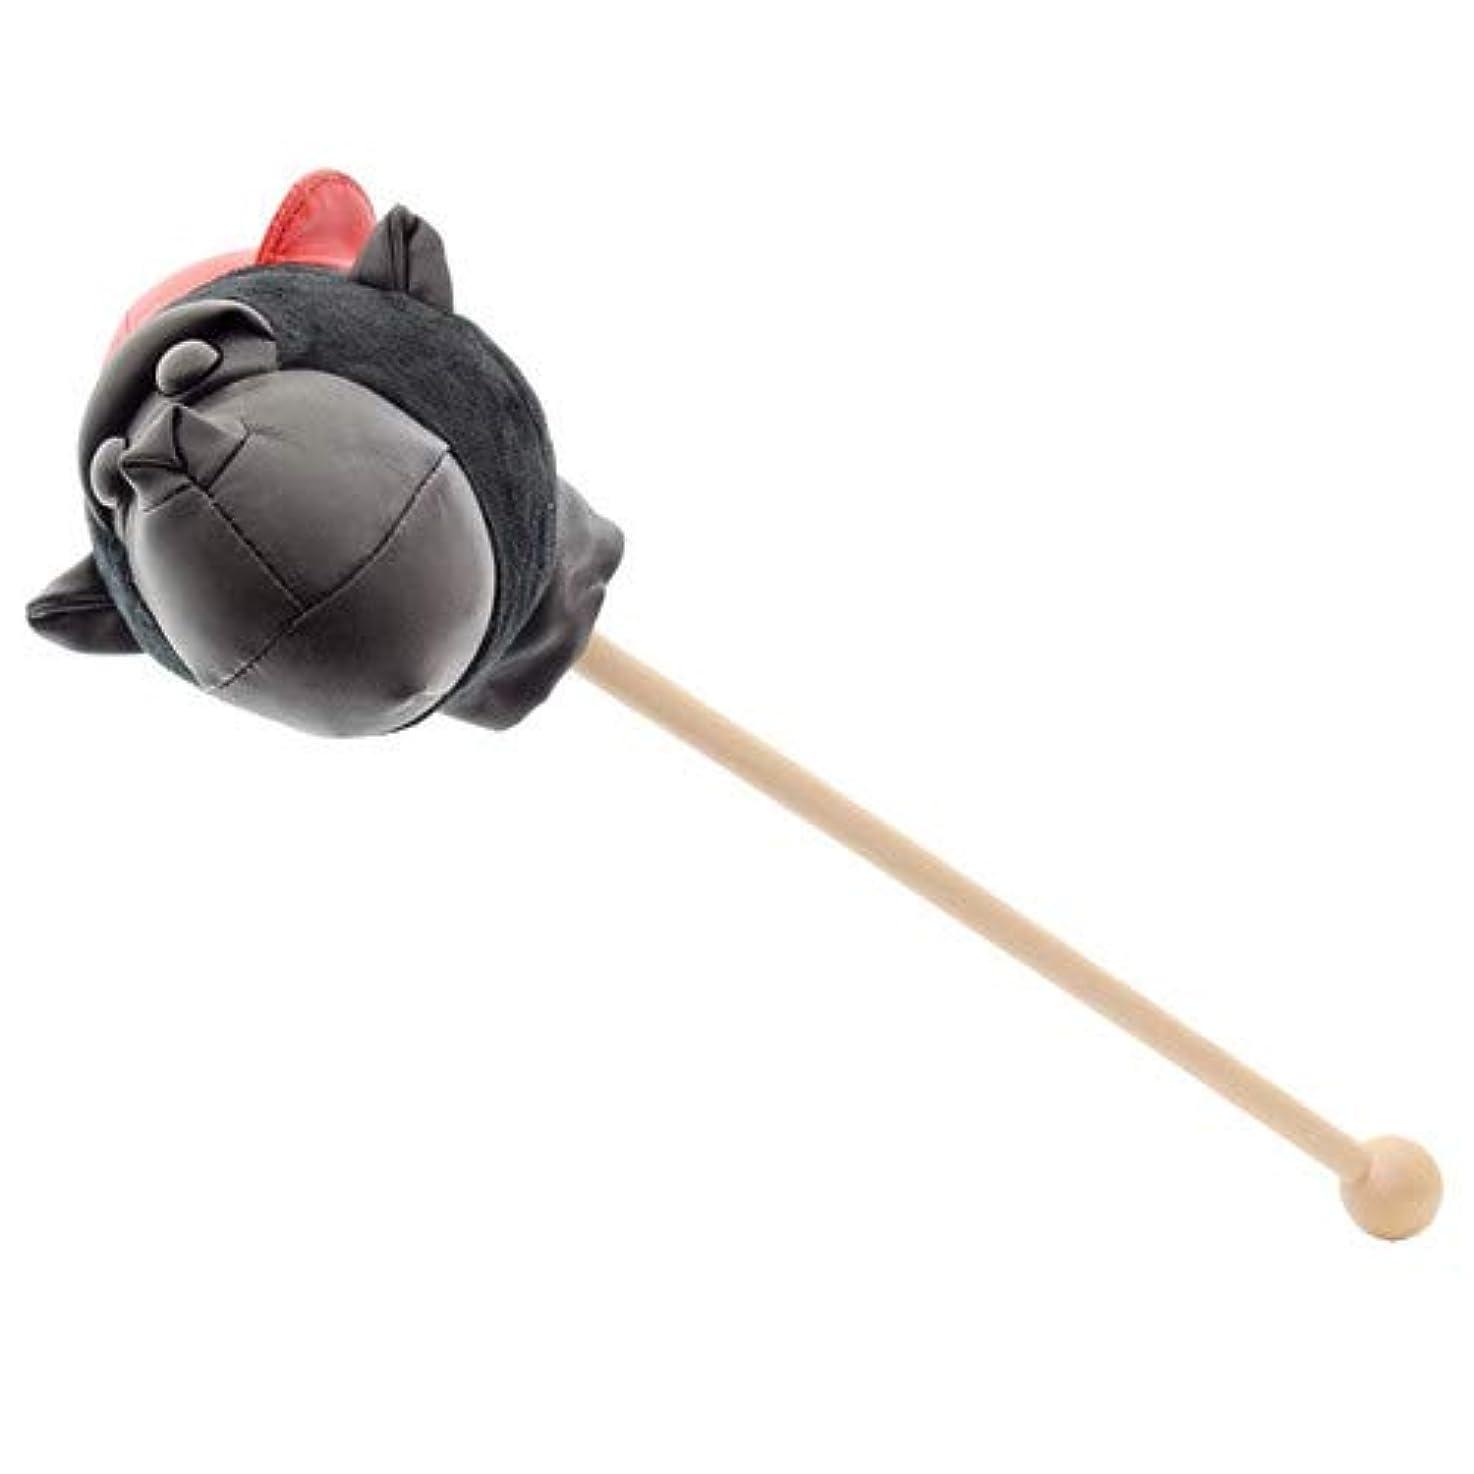 バックグラウンド掘る葡萄ゴリラ 肩たたき棒 (ブラック)